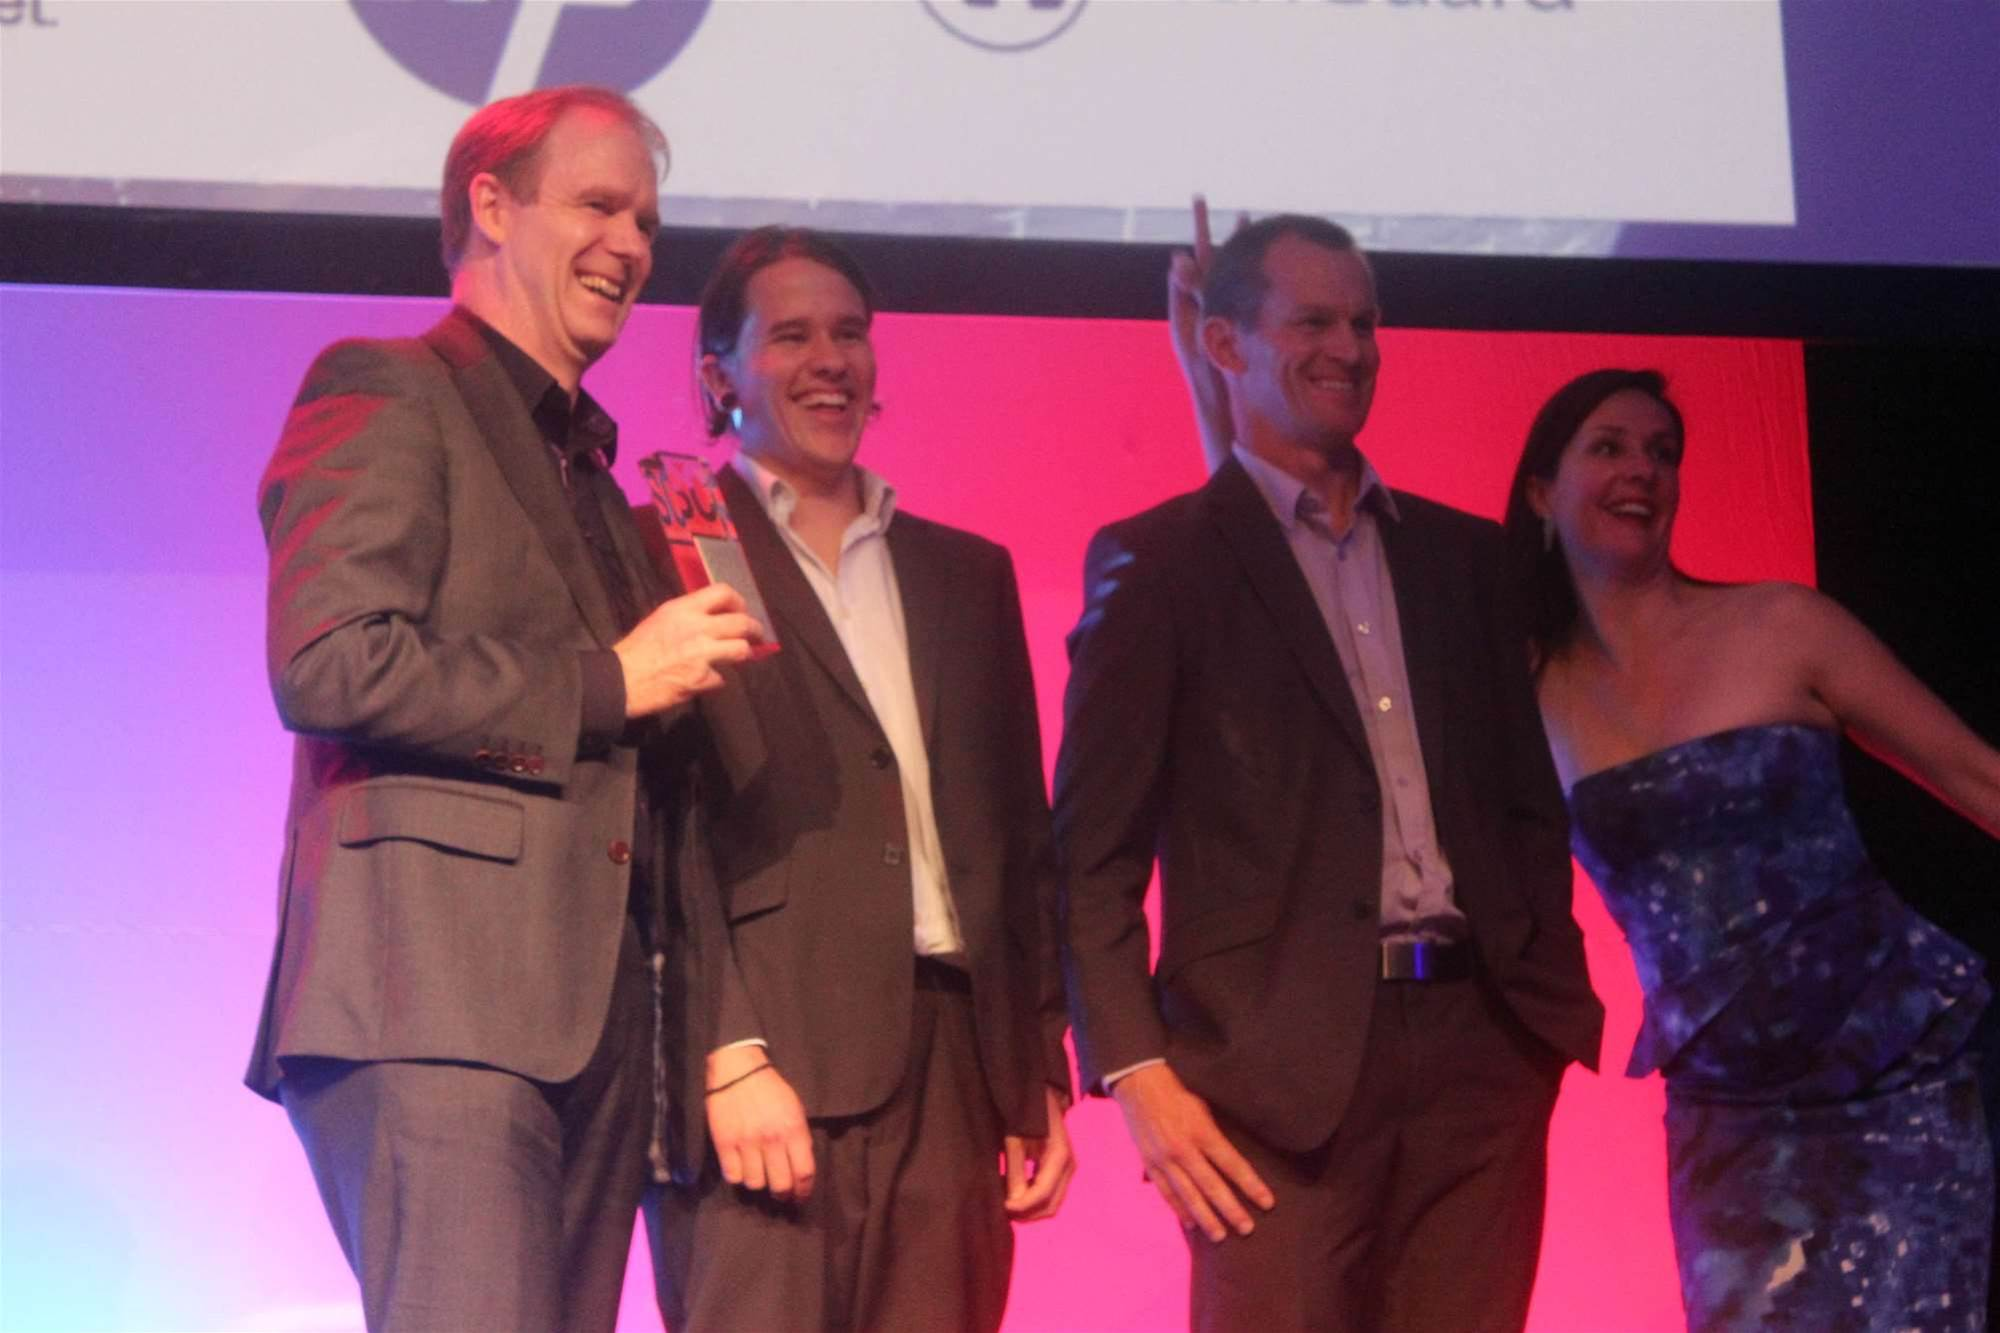 AusCERT2012: The SC Award winners